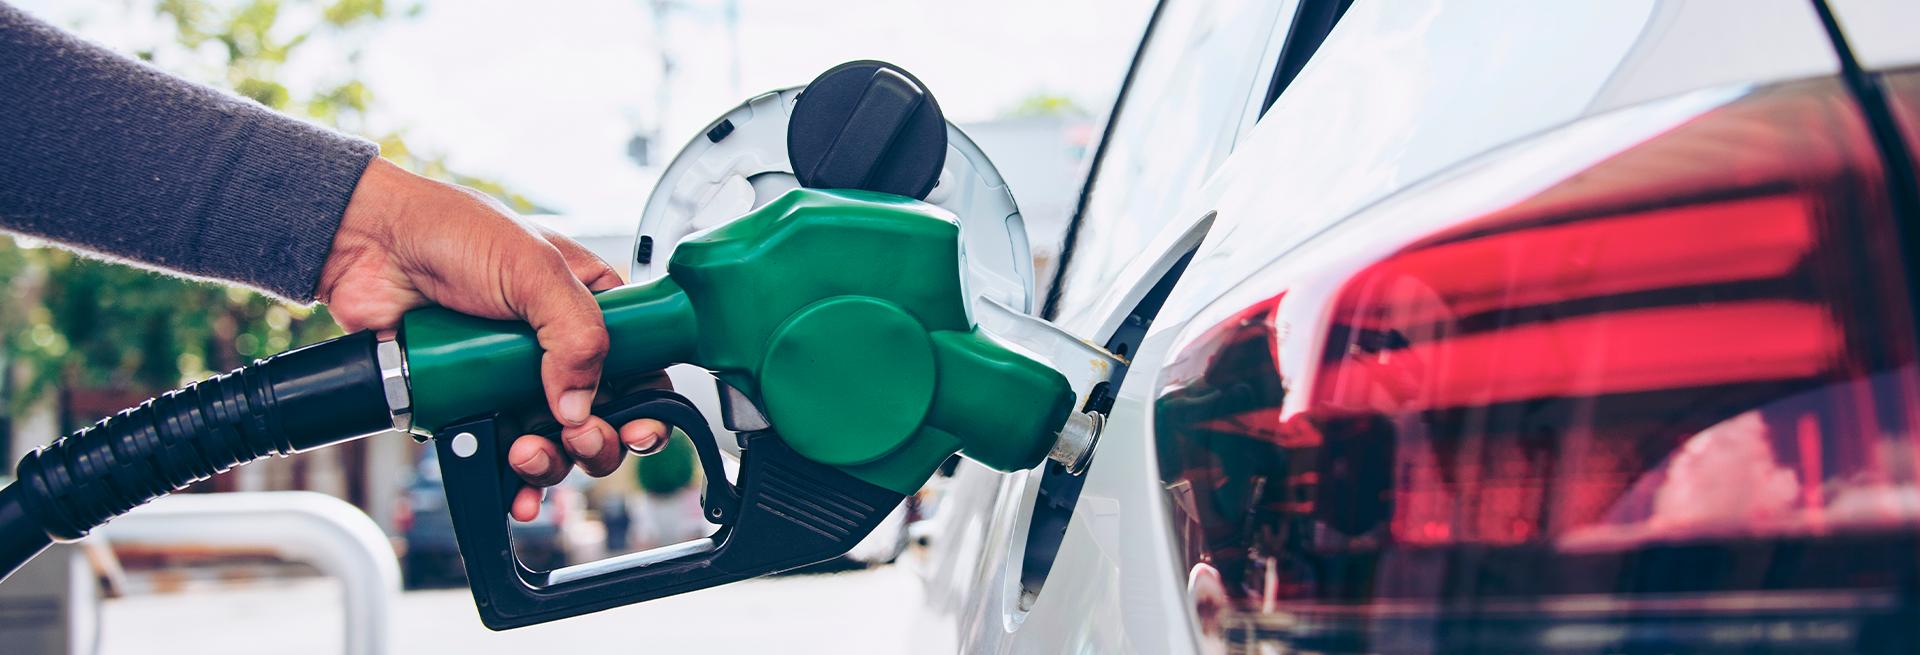 6 dicas para economizar combustíveis